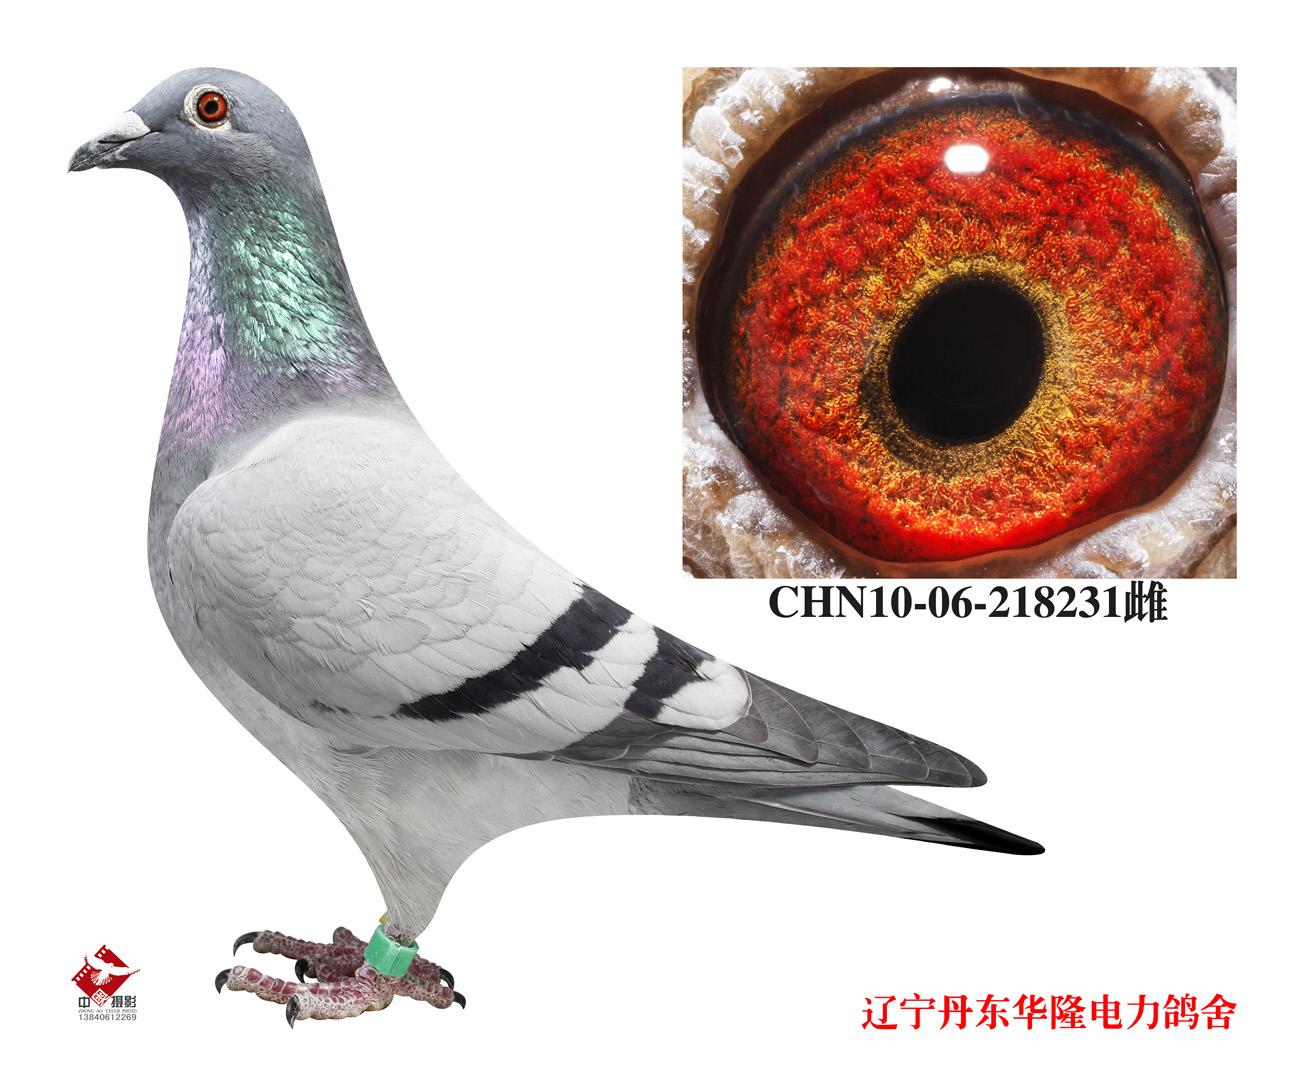 信鸽特征-俊主电脑戈马利配飞鸽直孙